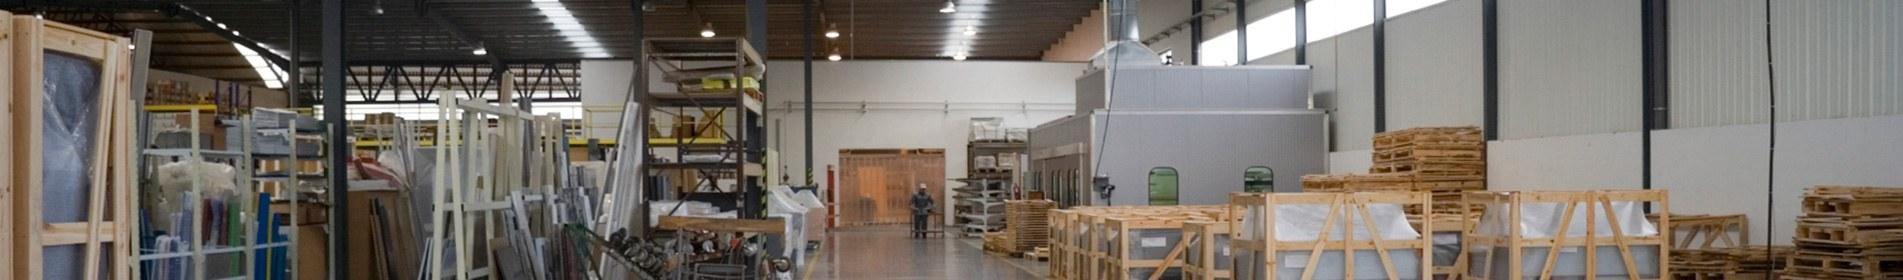 Техническое обслуживание систем вентиляции производственных помещений